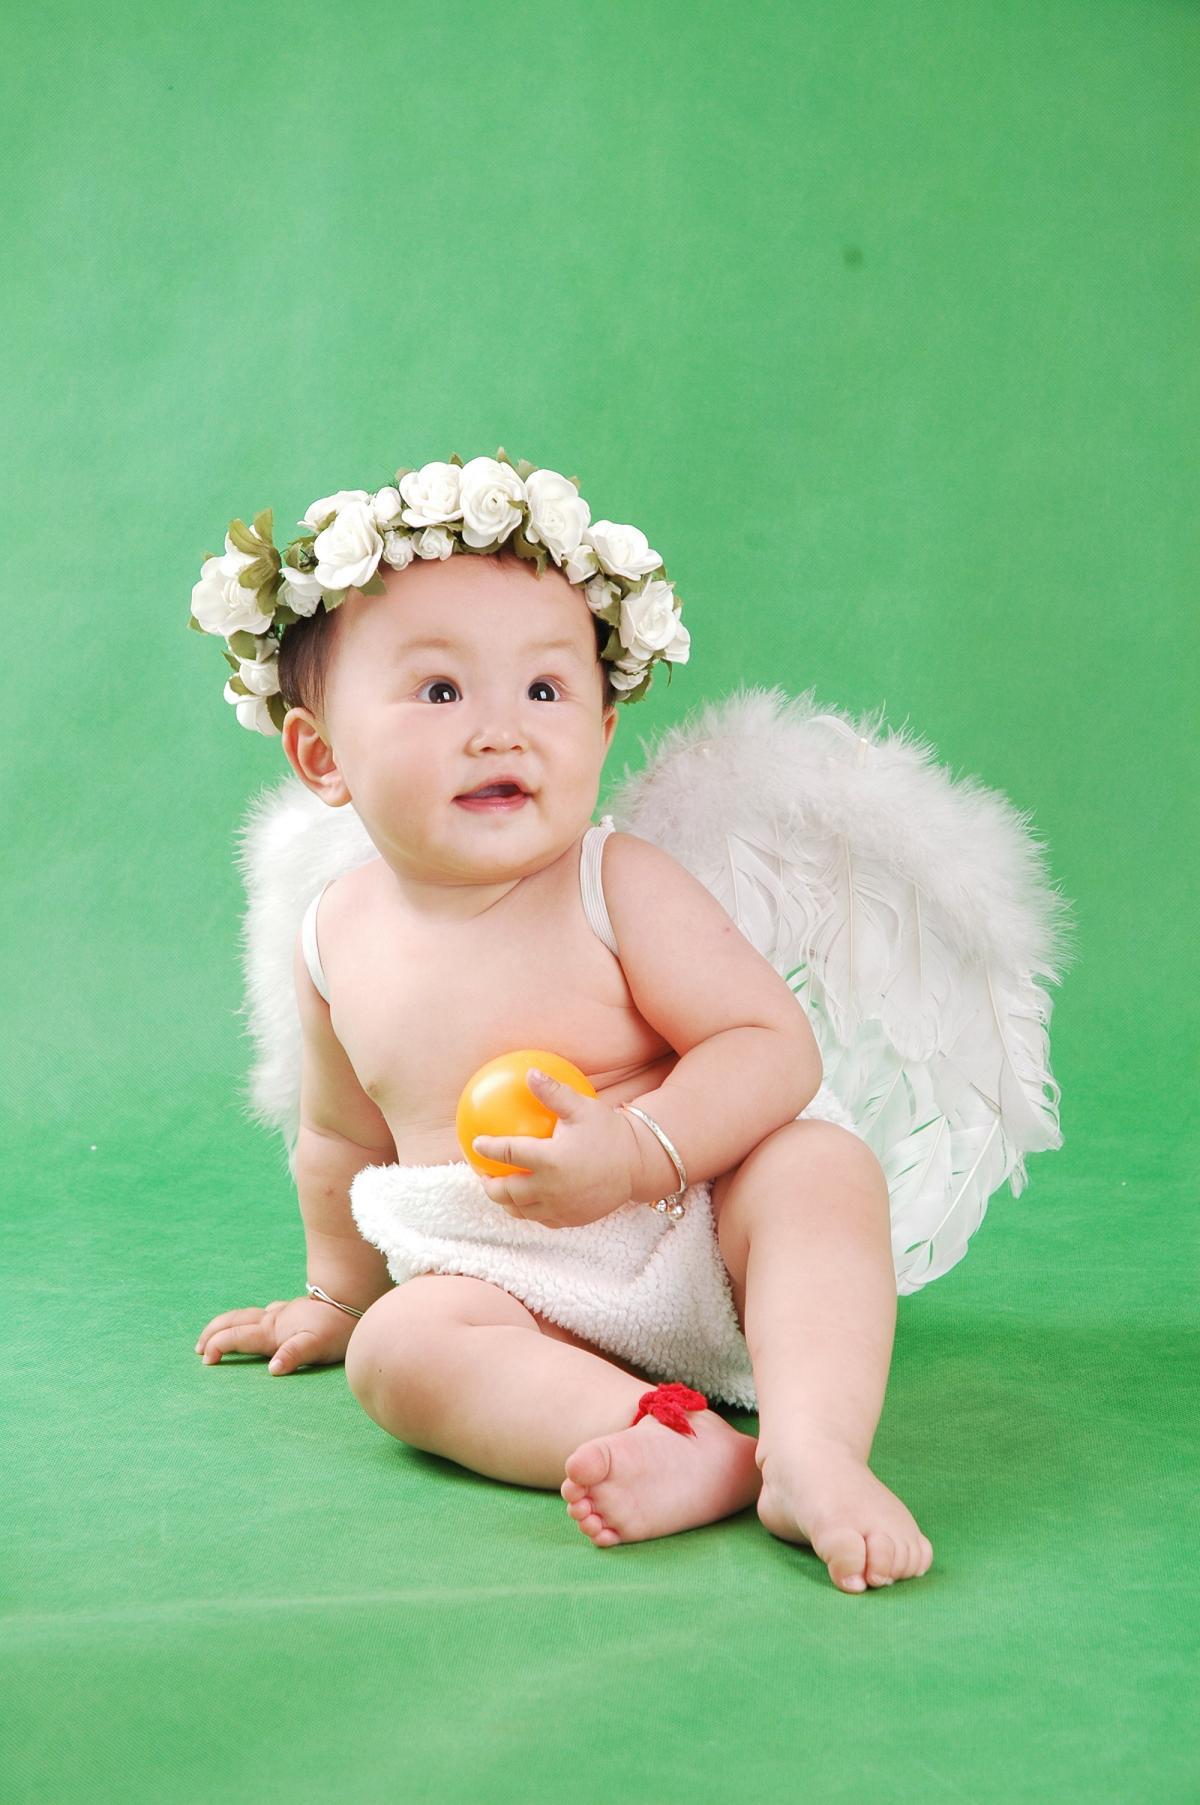 > 第2个明星宝贝闪耀登场!征集0-1岁可爱宝贝做胎教美图.